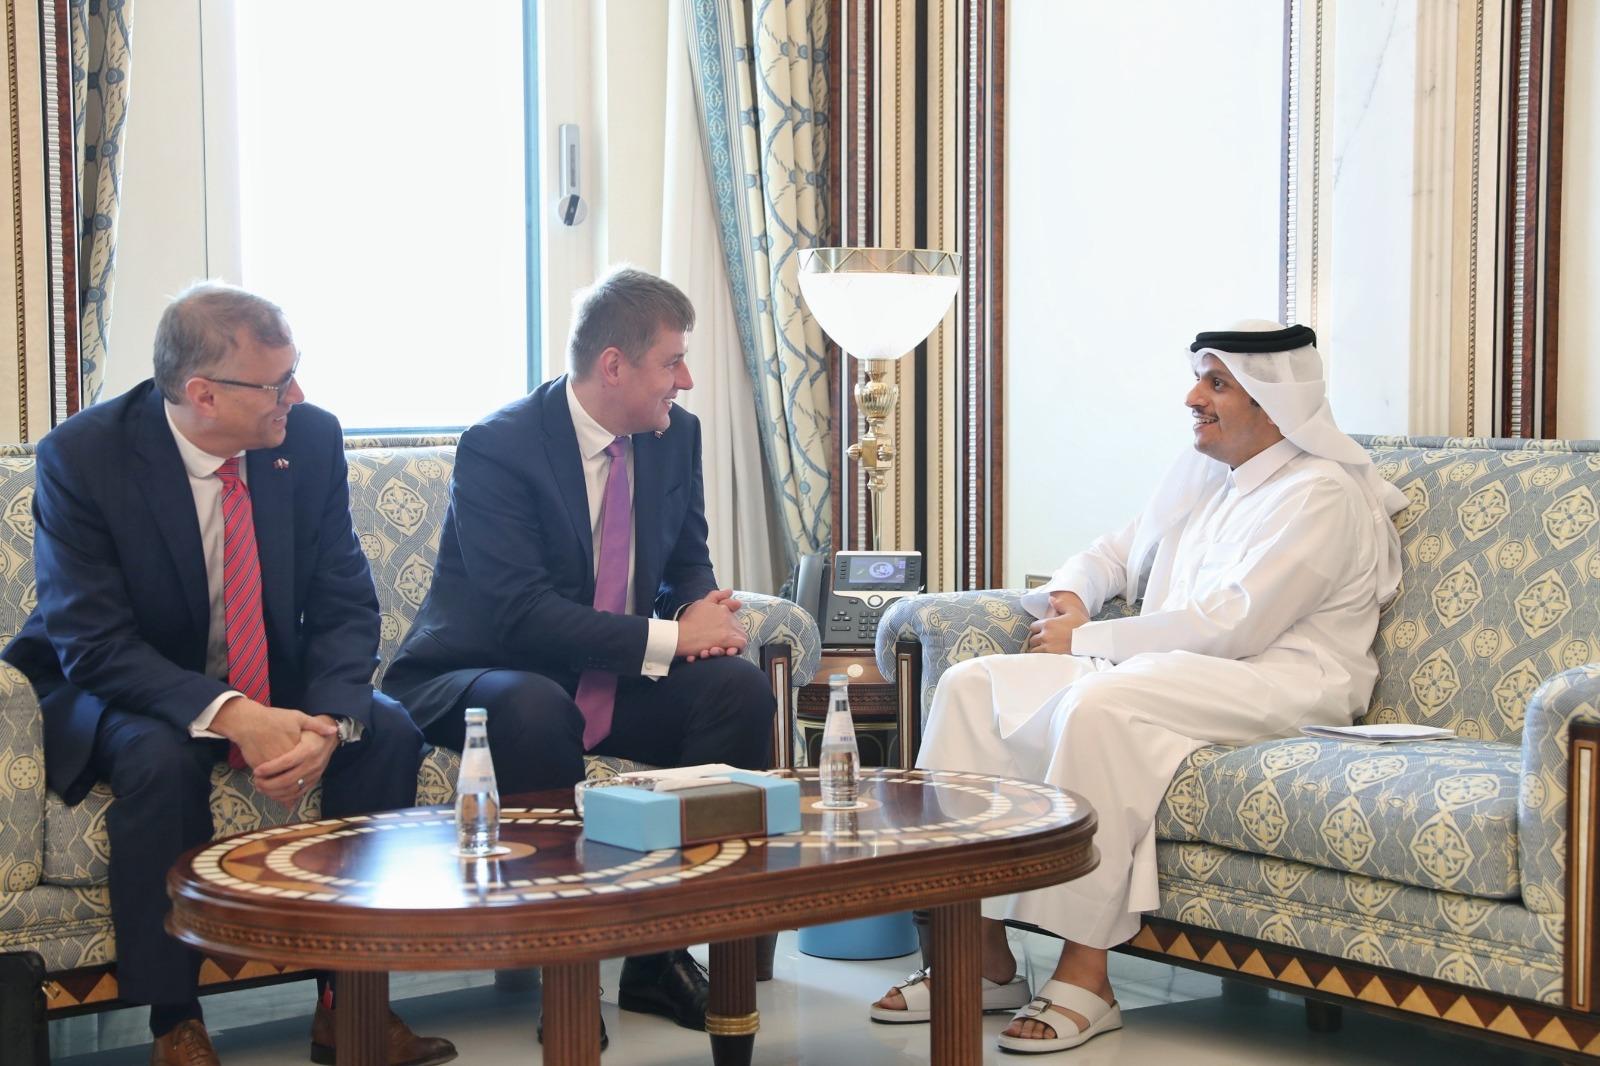 نائب رئيس مجلس الوزراء وزير الخارجية يجتمع مع وزير خارجية التشيك